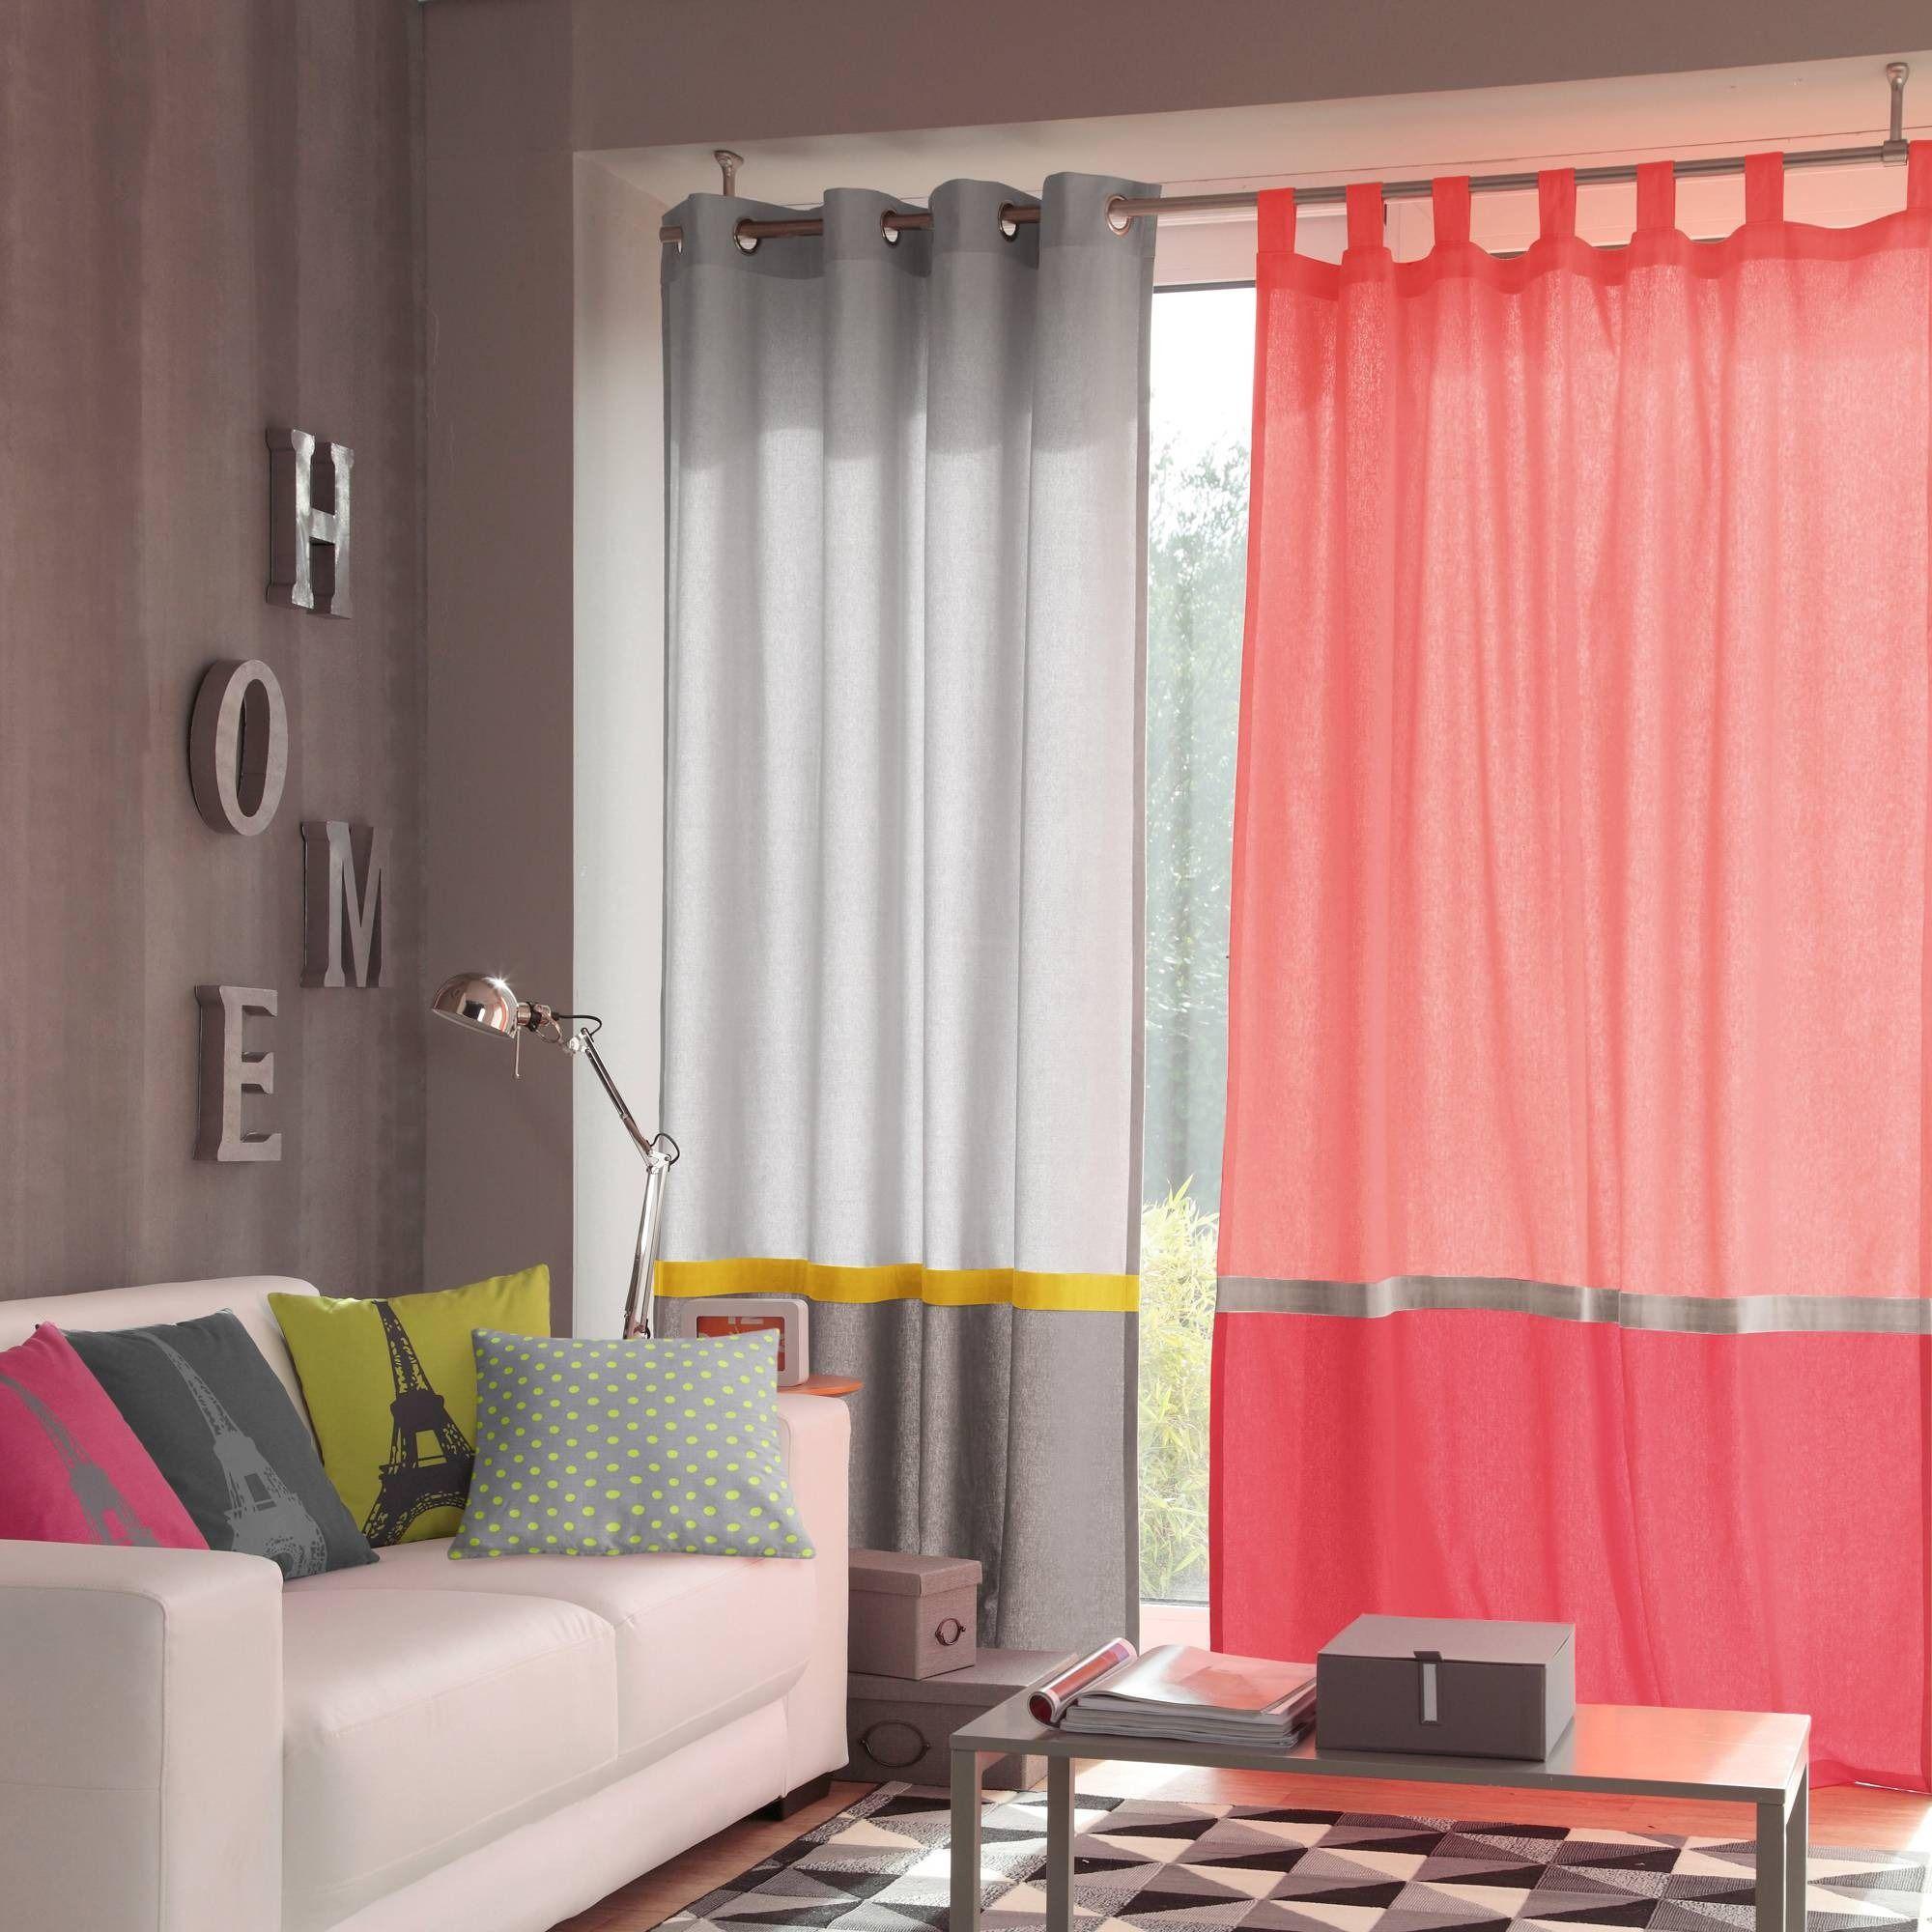 rideau pattes tricolore pur coton tectonic 3 suisses selection rideaux pinterest patte. Black Bedroom Furniture Sets. Home Design Ideas